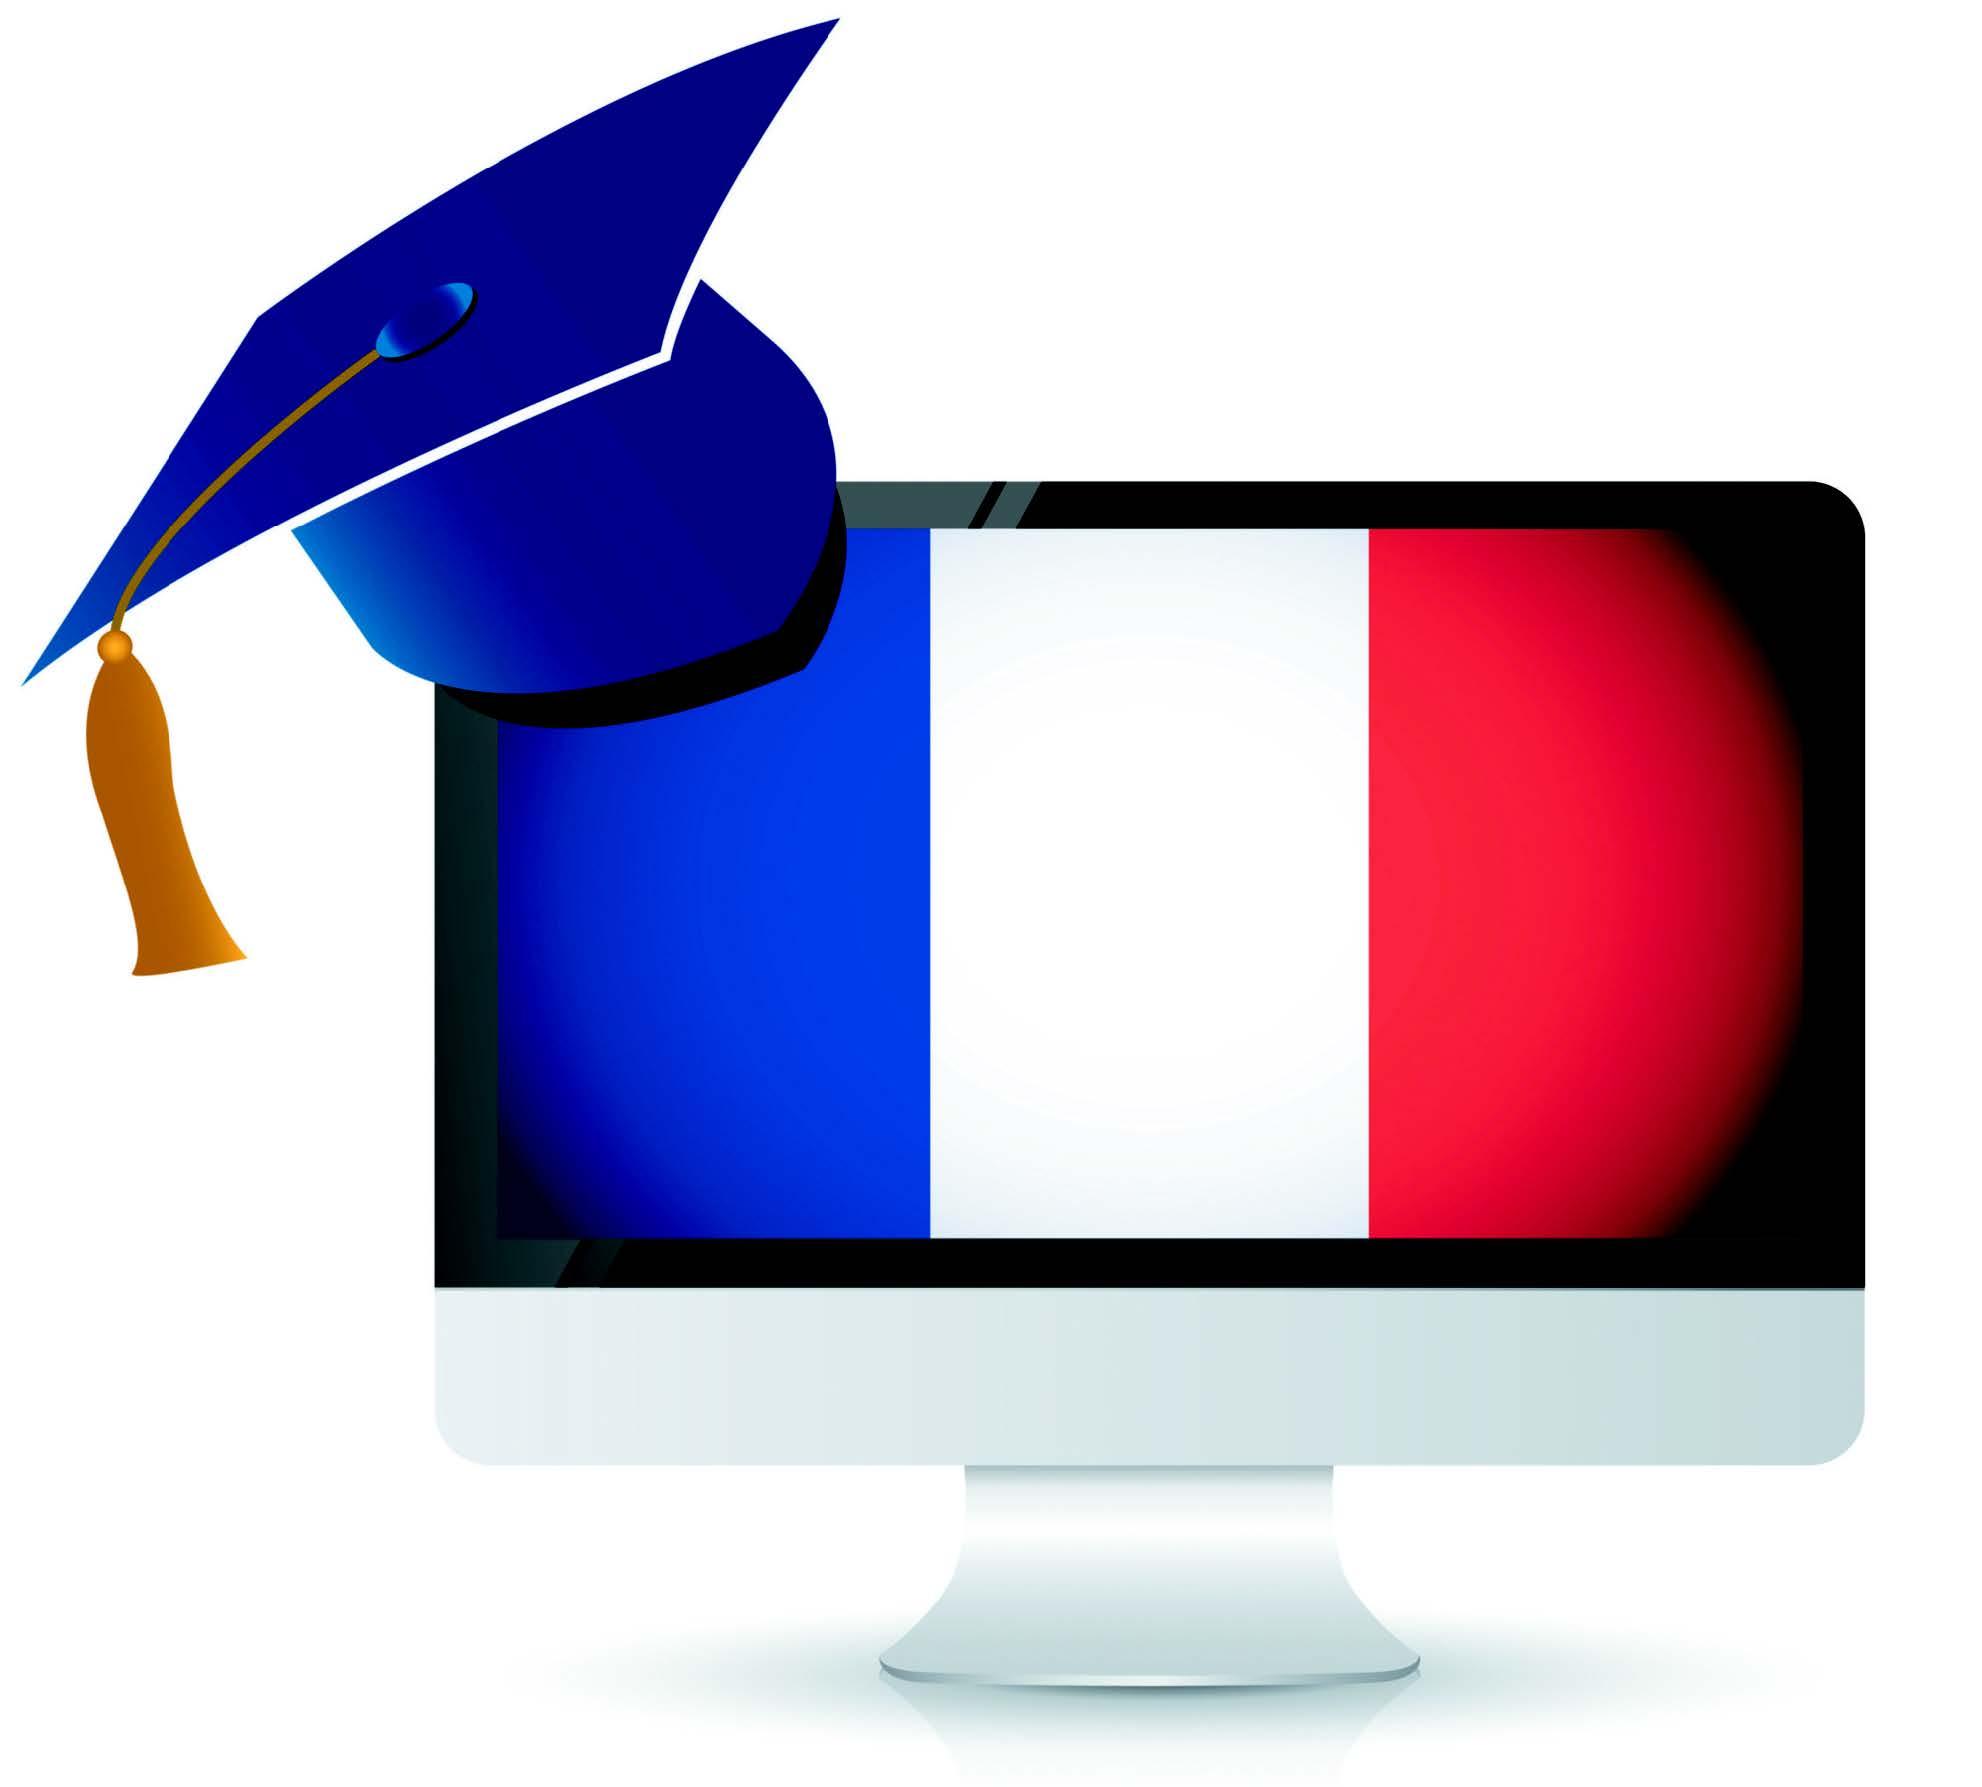 Depuis qu'il a obtenu son MBA français, Tom a discrètement redécoré son poste de travail...